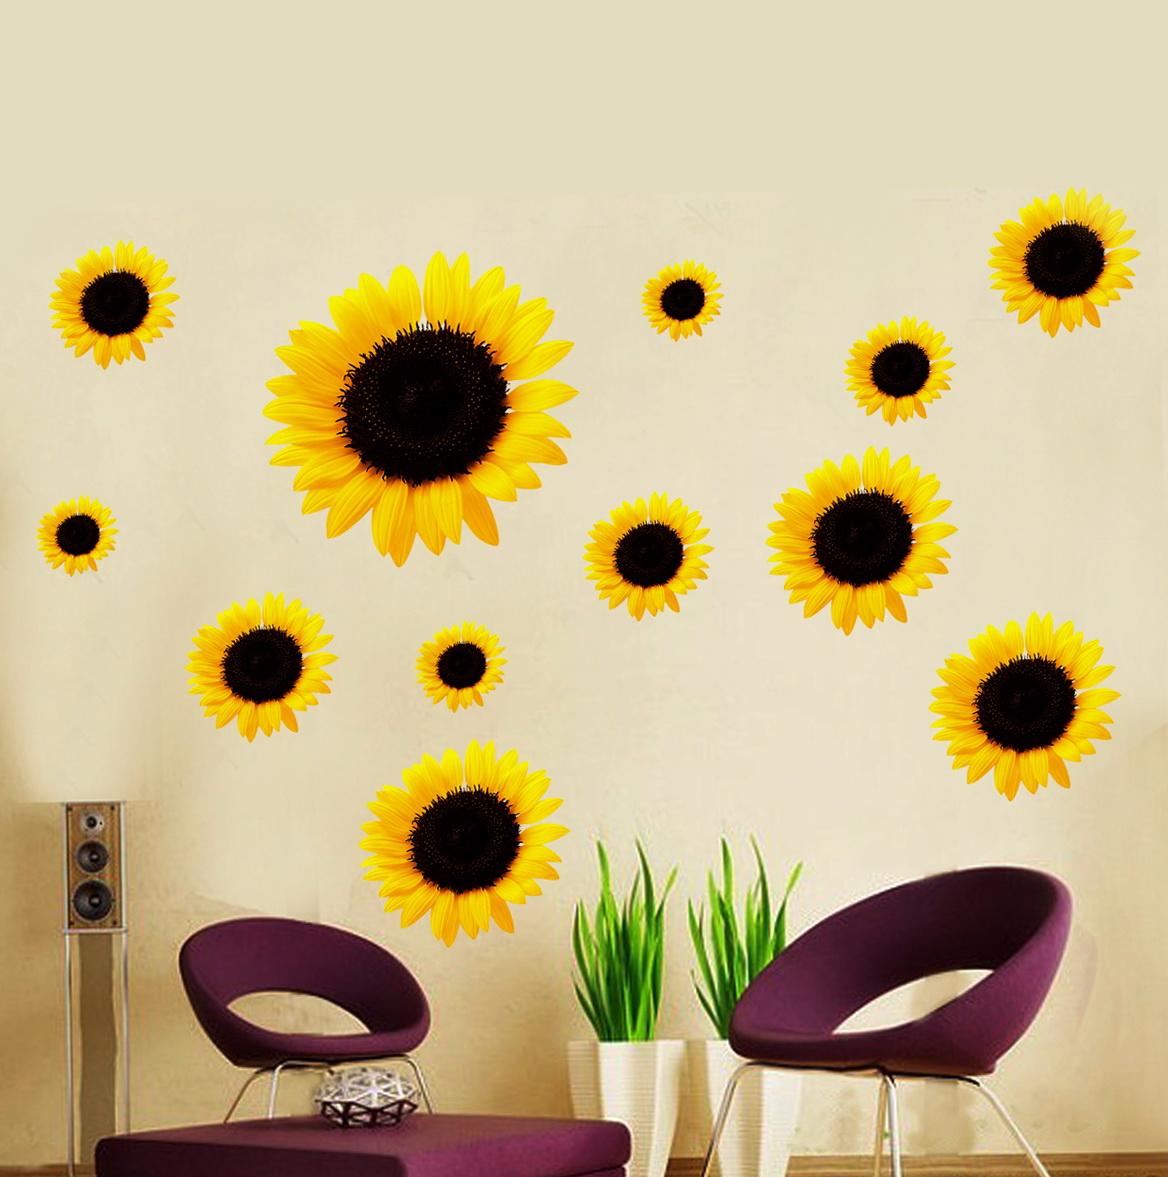 Sunflower Wall Art Decals